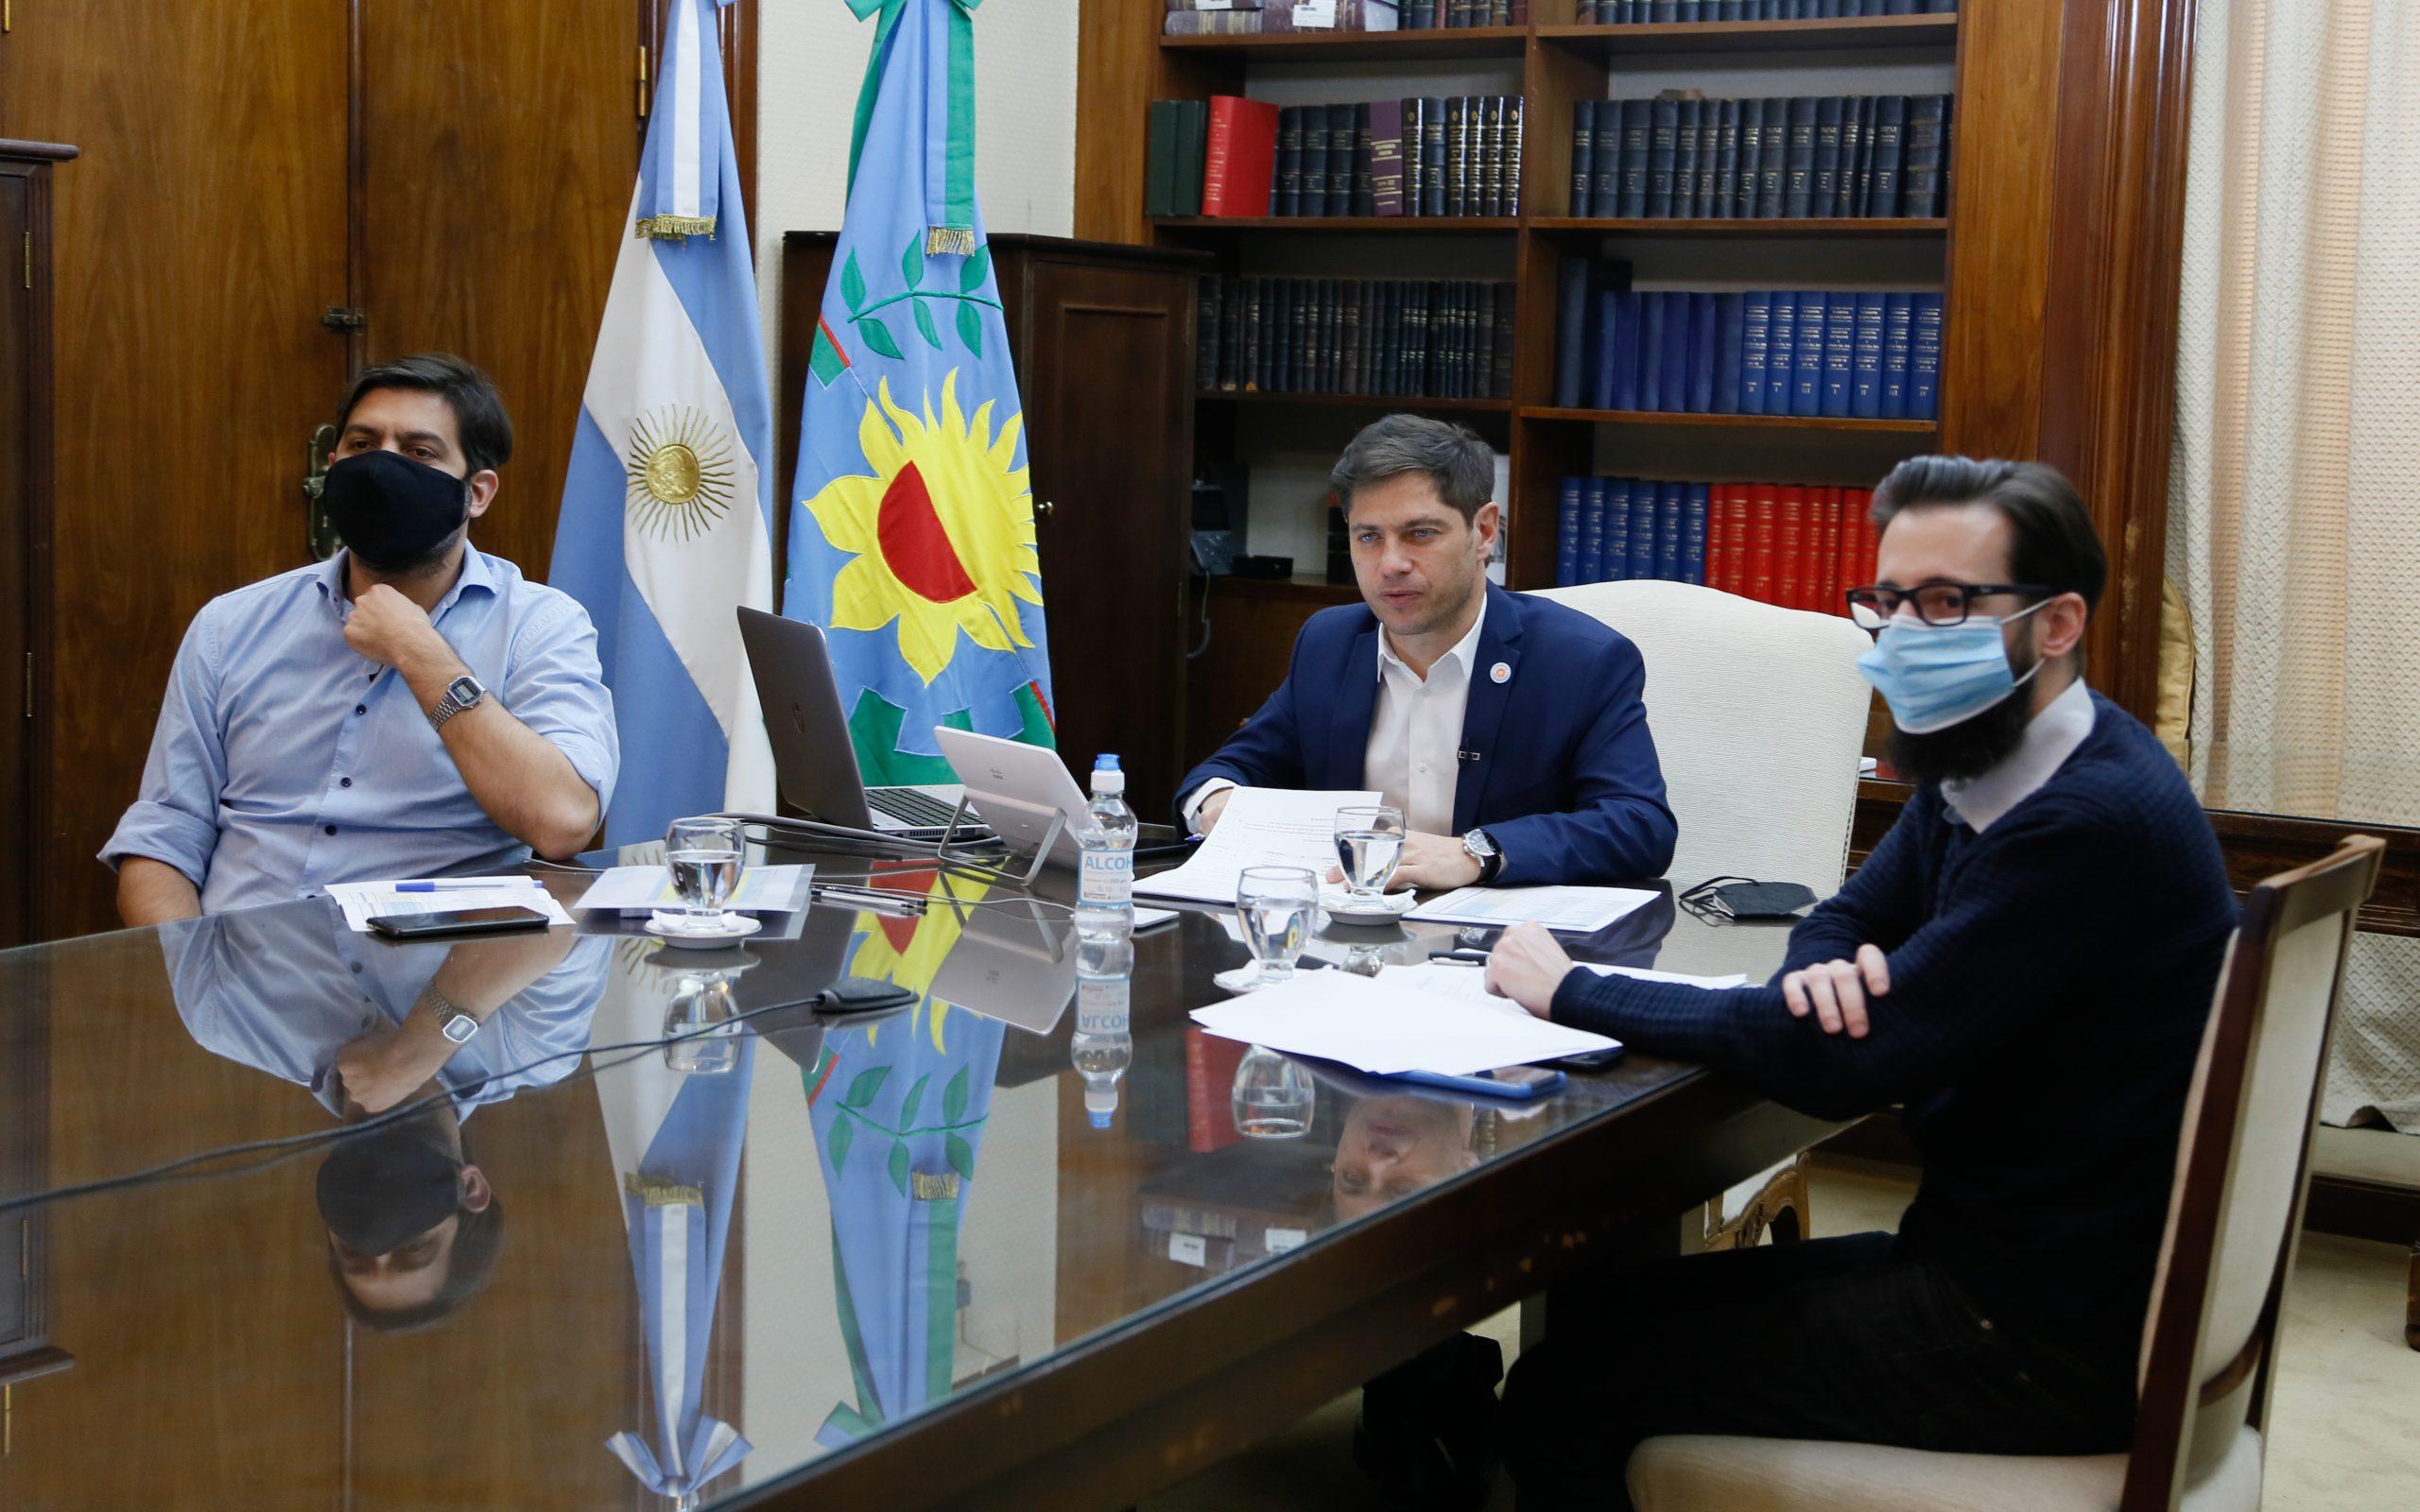 LLEGA A RIVADAVIA EL PRIMER PAGO DEL GOBIERNO PROVINCIAL PARA PAVIMENTO ASFÁLTICO